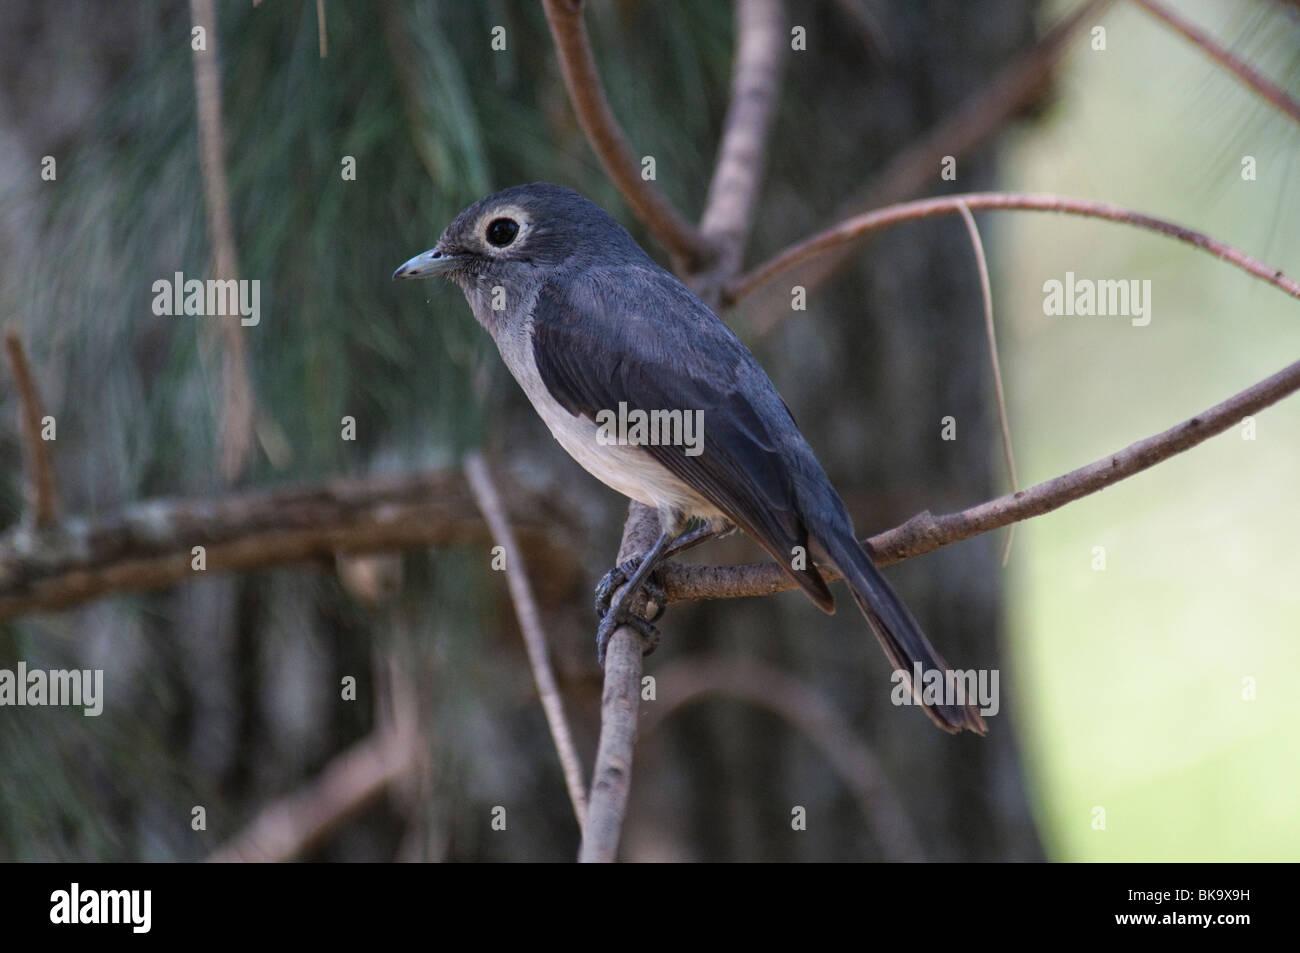 White-eyed Slaty Flycatcher Melaenornis fischeri - Stock Image